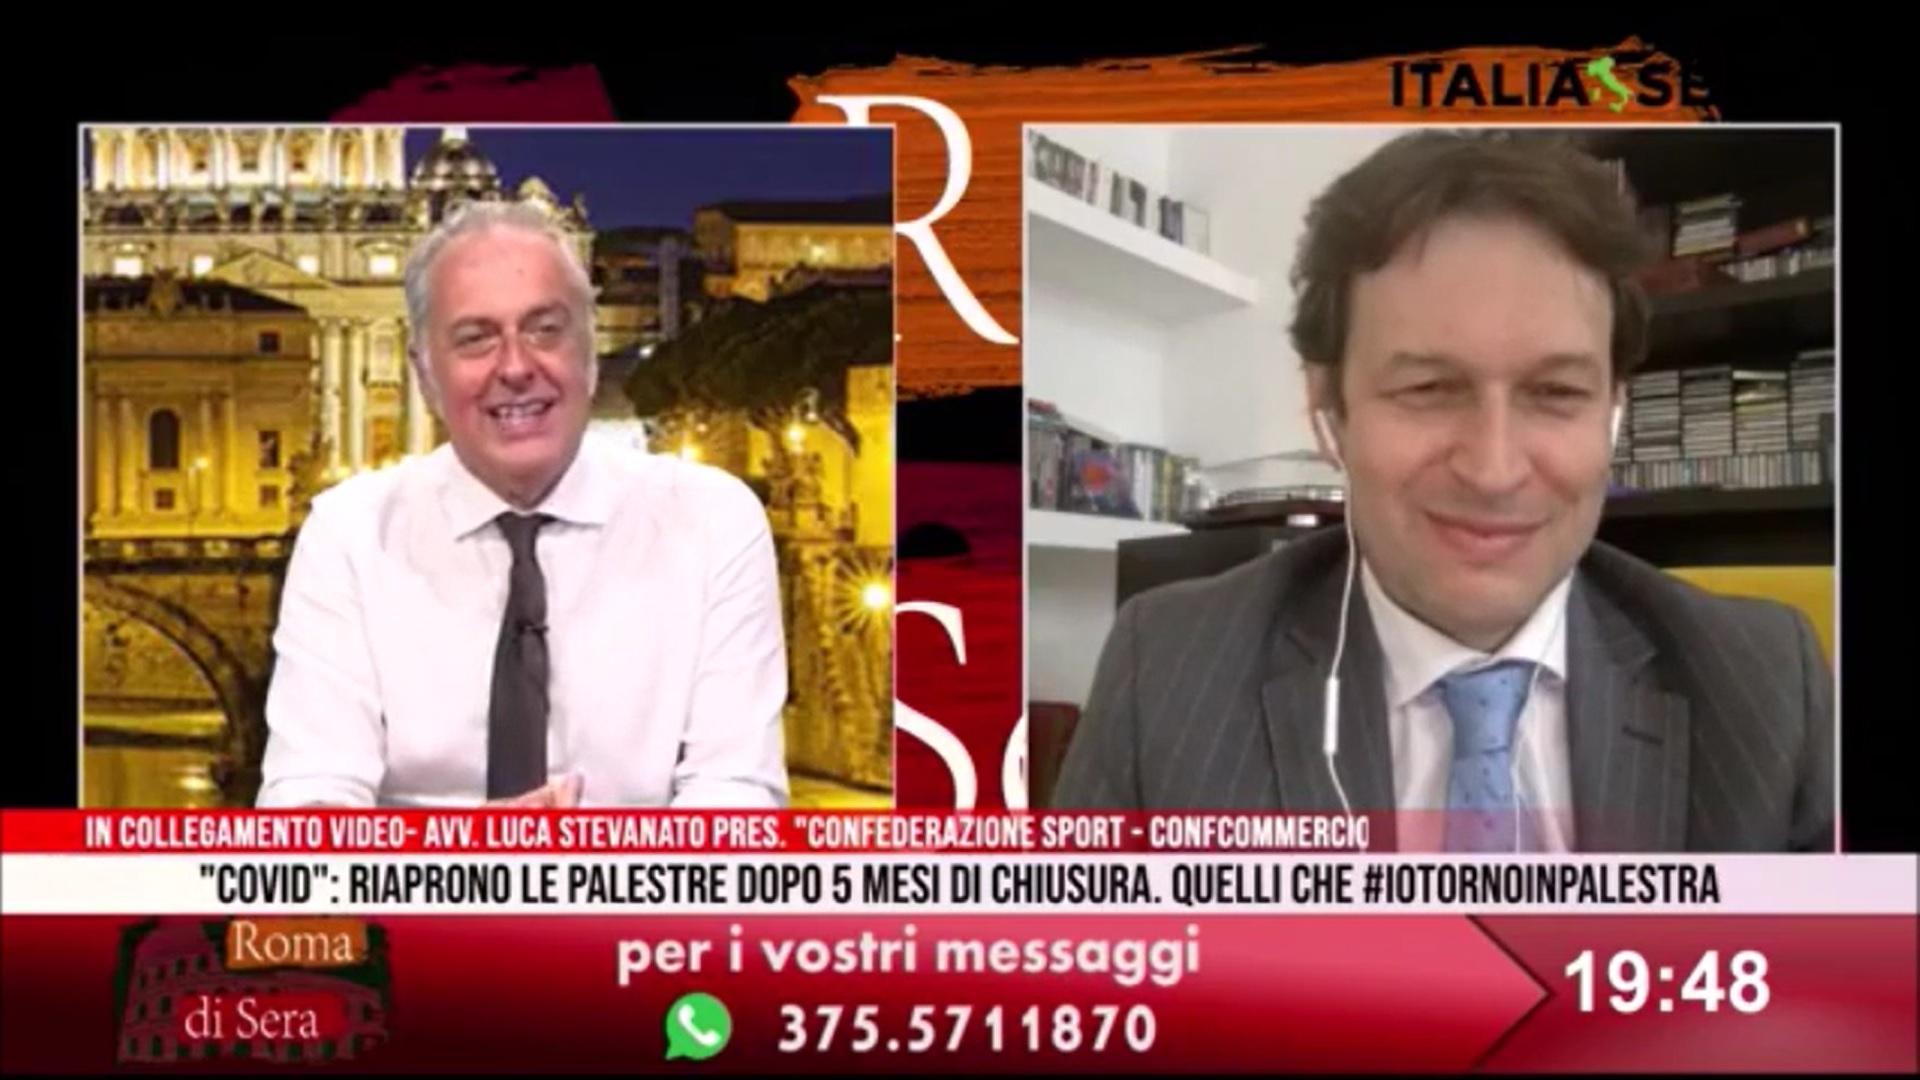 Riaperture e ripartenza - Il Presidente Luca Stevanato ospite a Roma di Sera